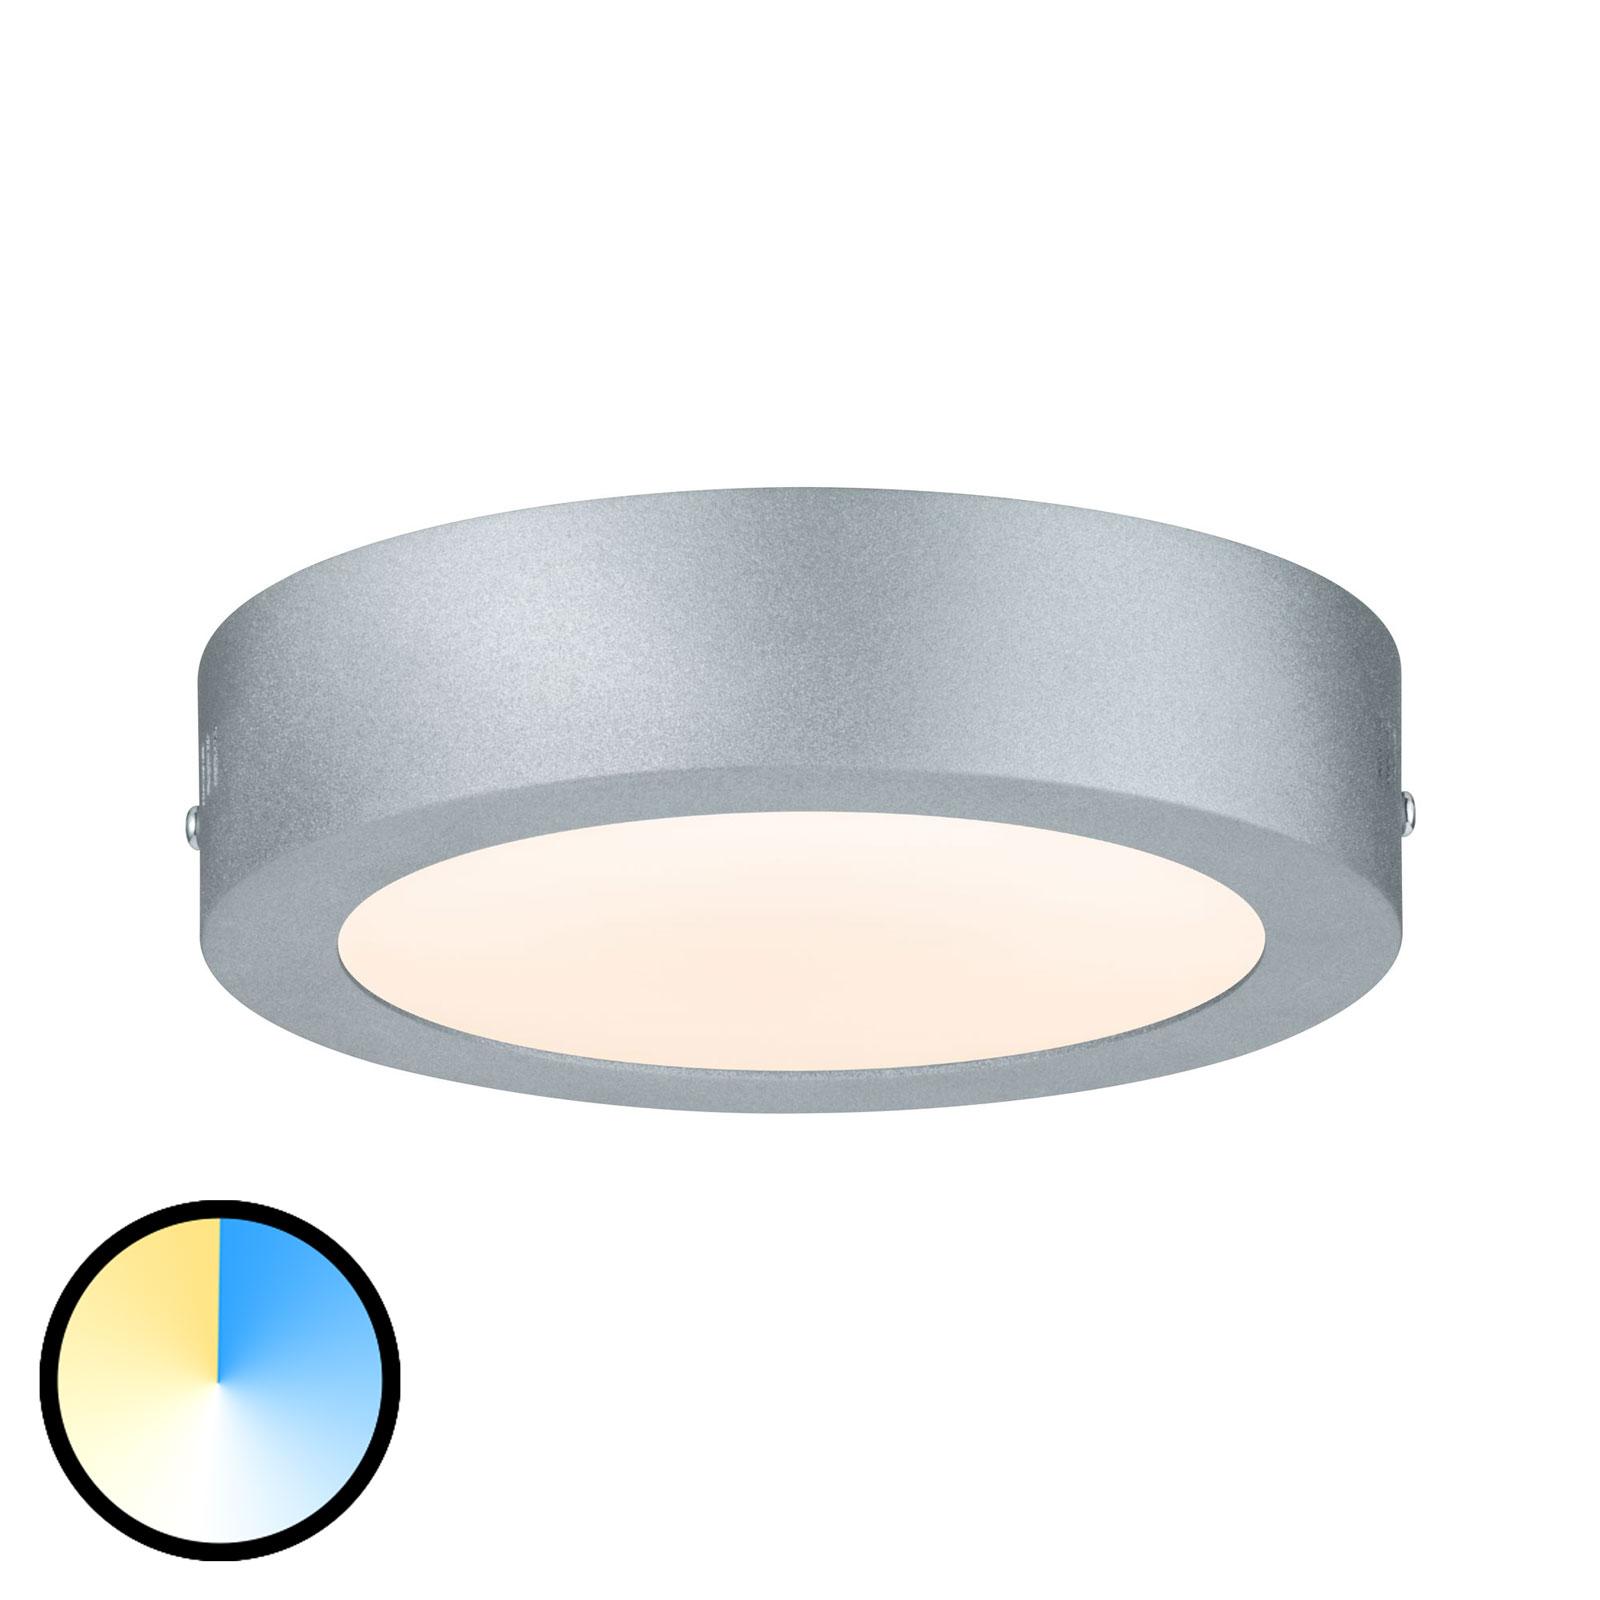 Paulmann Carpo LED plafondlamp rond chroom 17cm